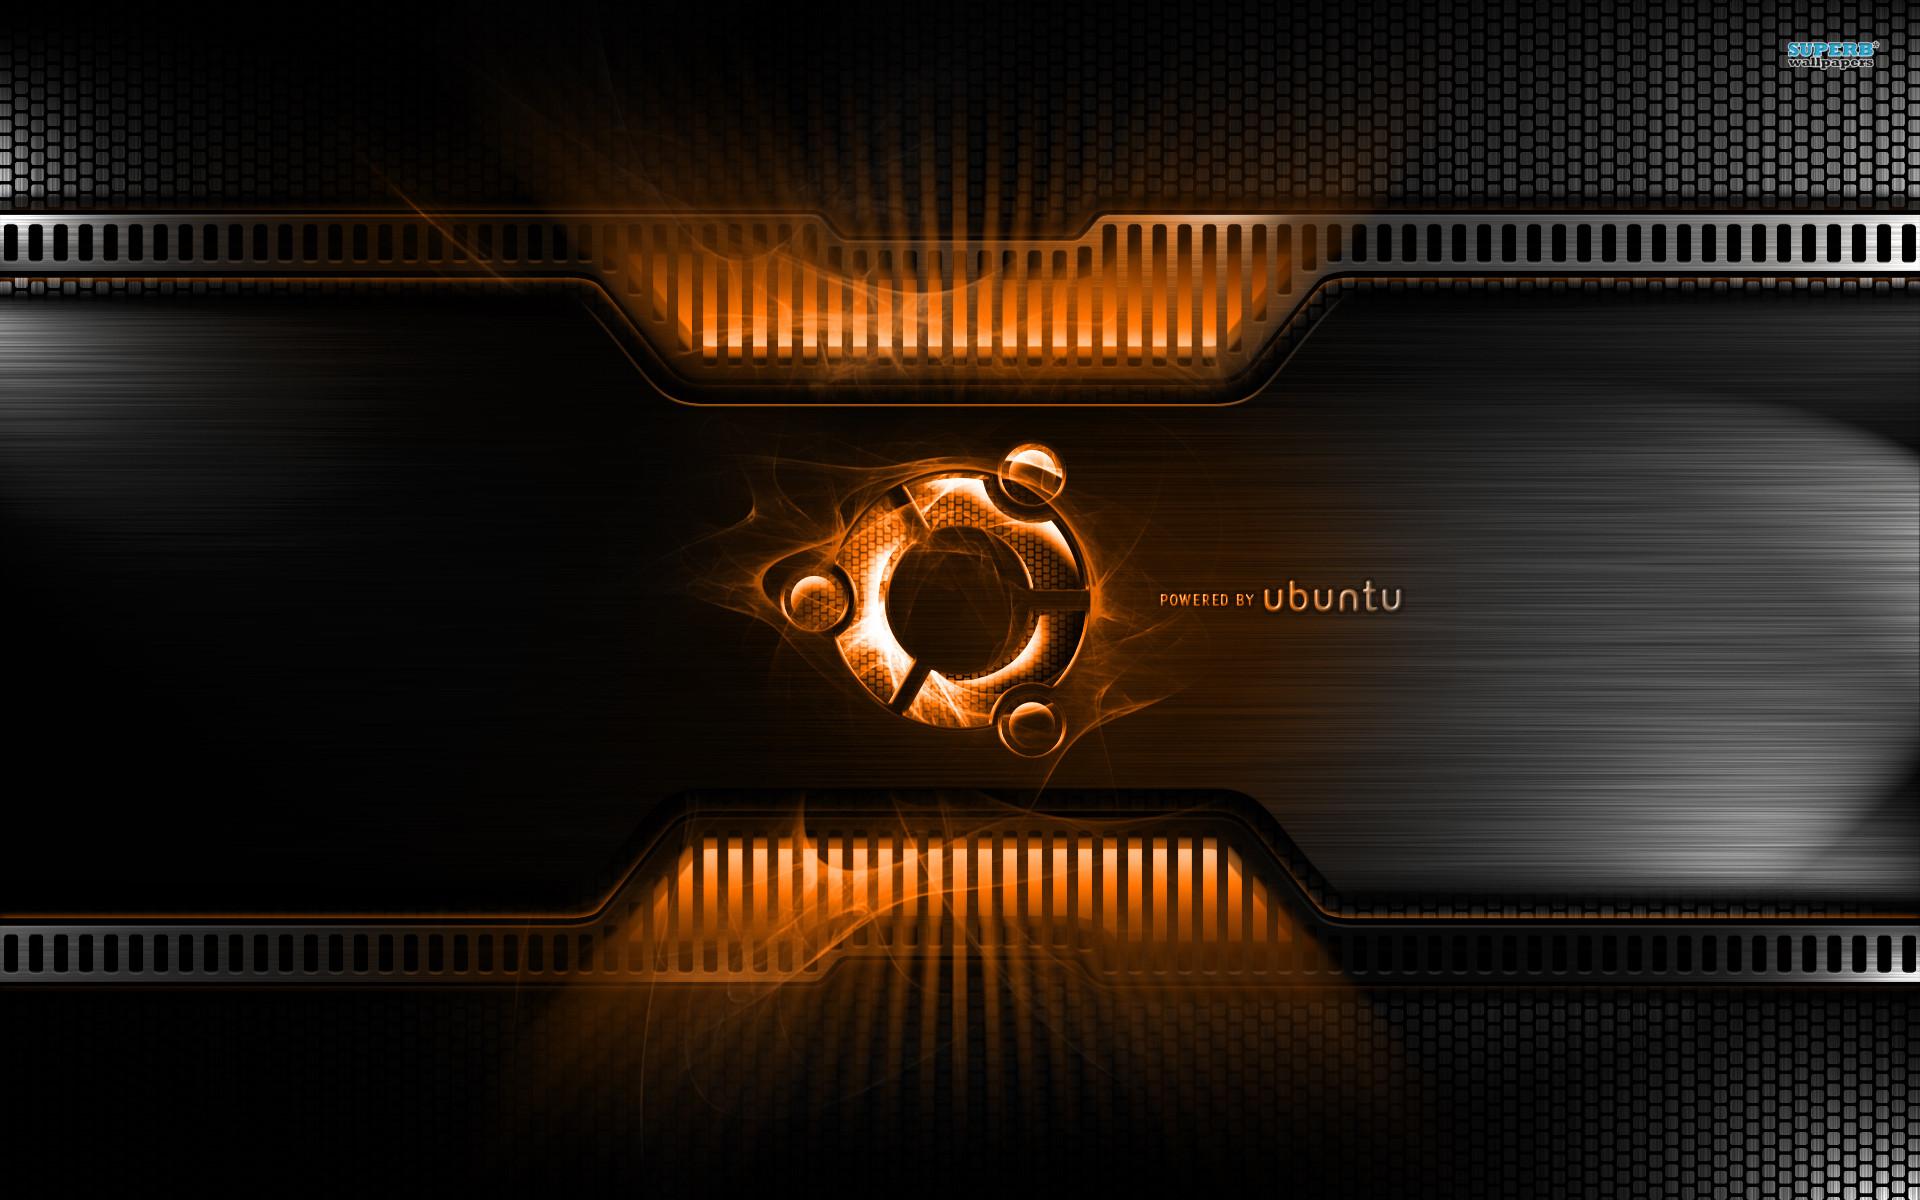 Ubuntu Wallpaper HD (73+ Images